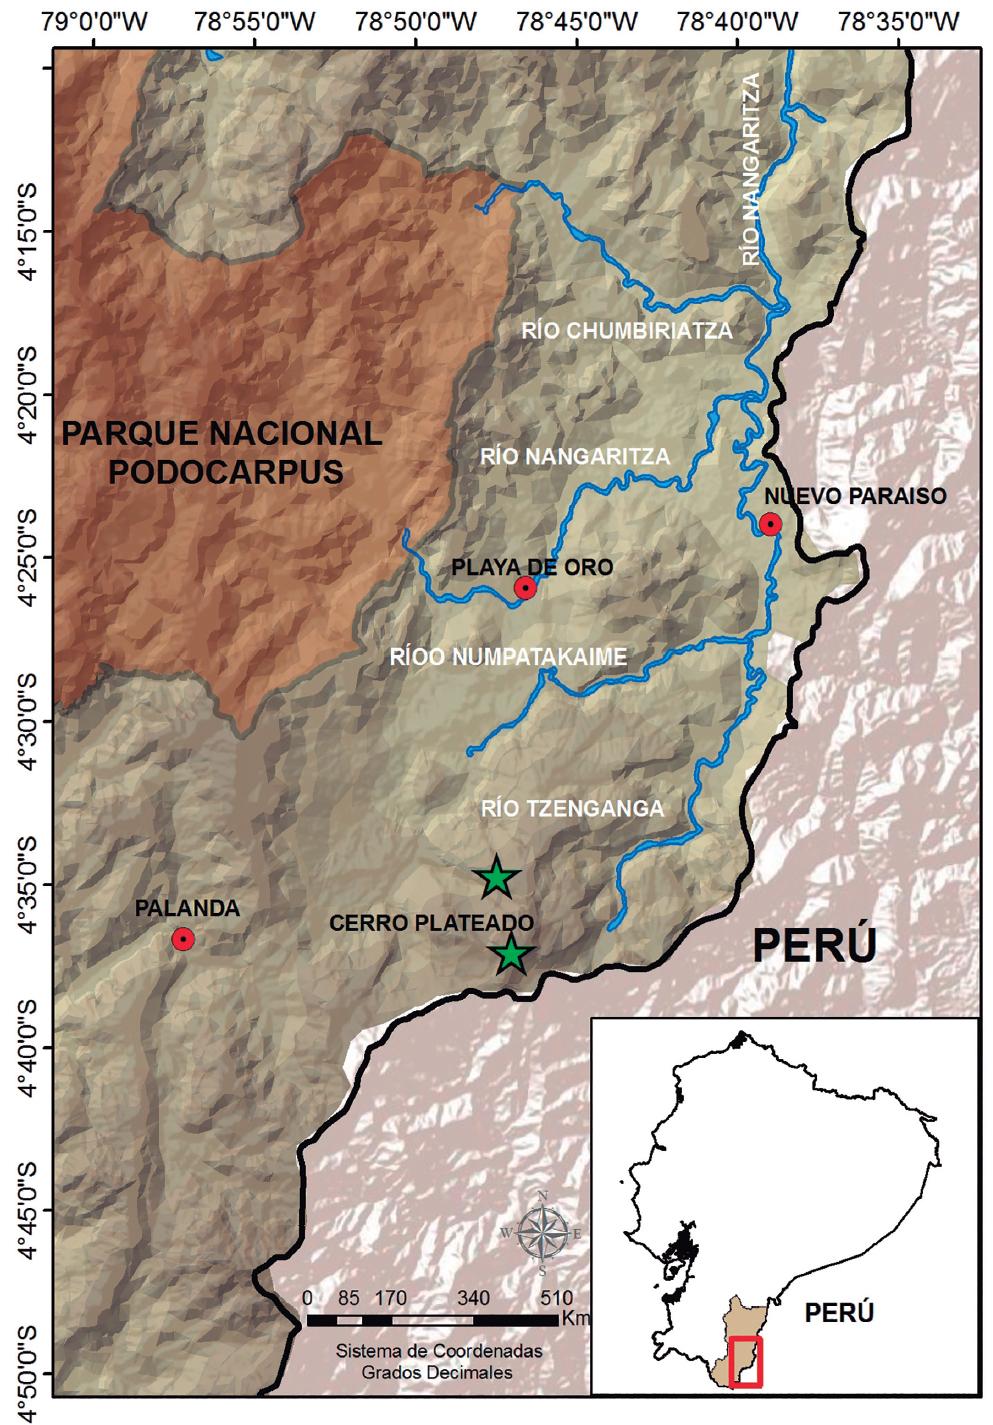 Localidades de registro de Pristimantis muranunka sp. nov., en la Cordillera del Cóndor.